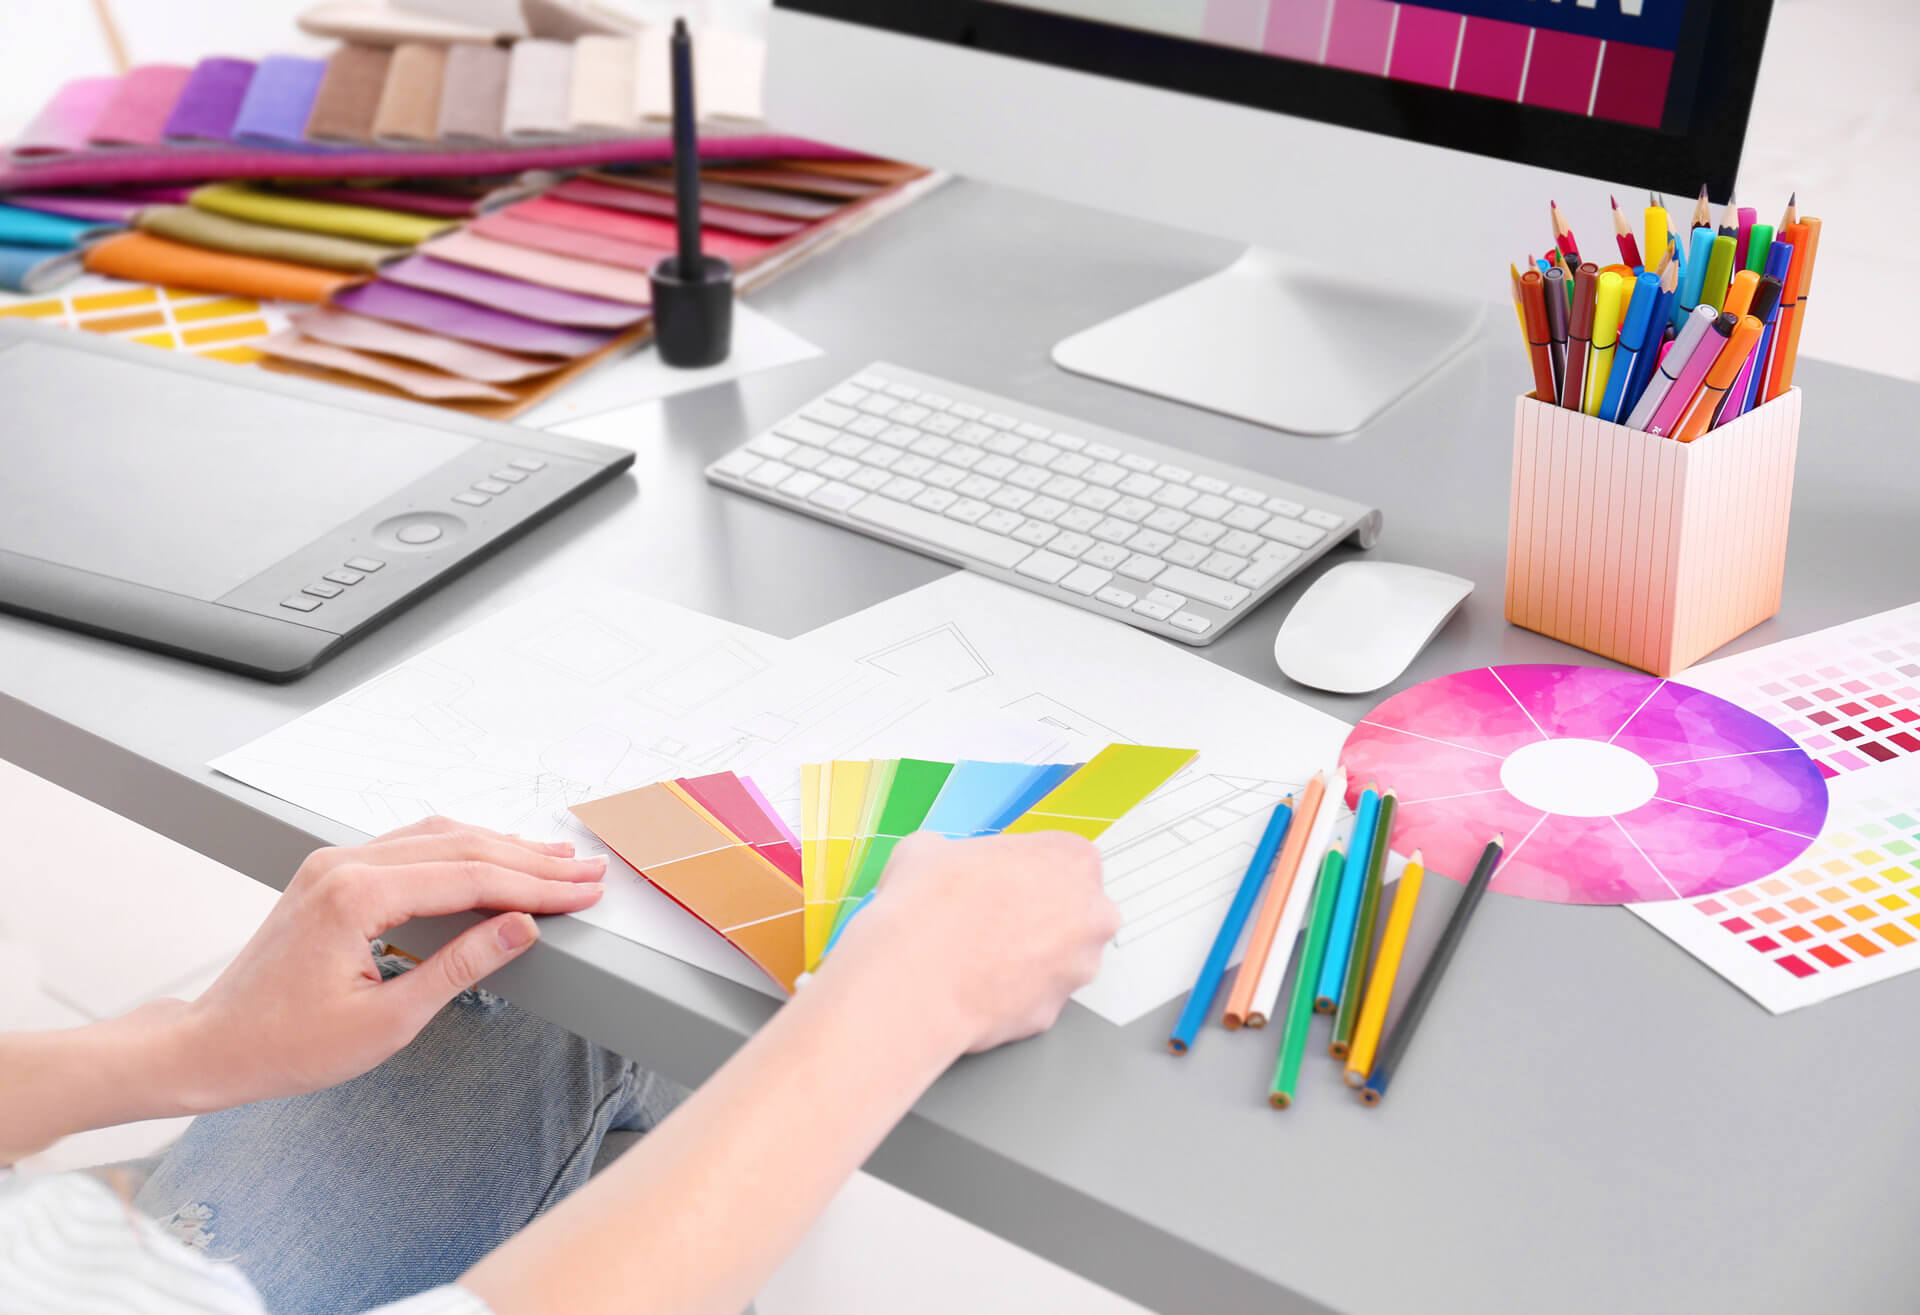 これからパーソナルカラーの技術を習得される方のための、さまざまな教材をご用意しております。